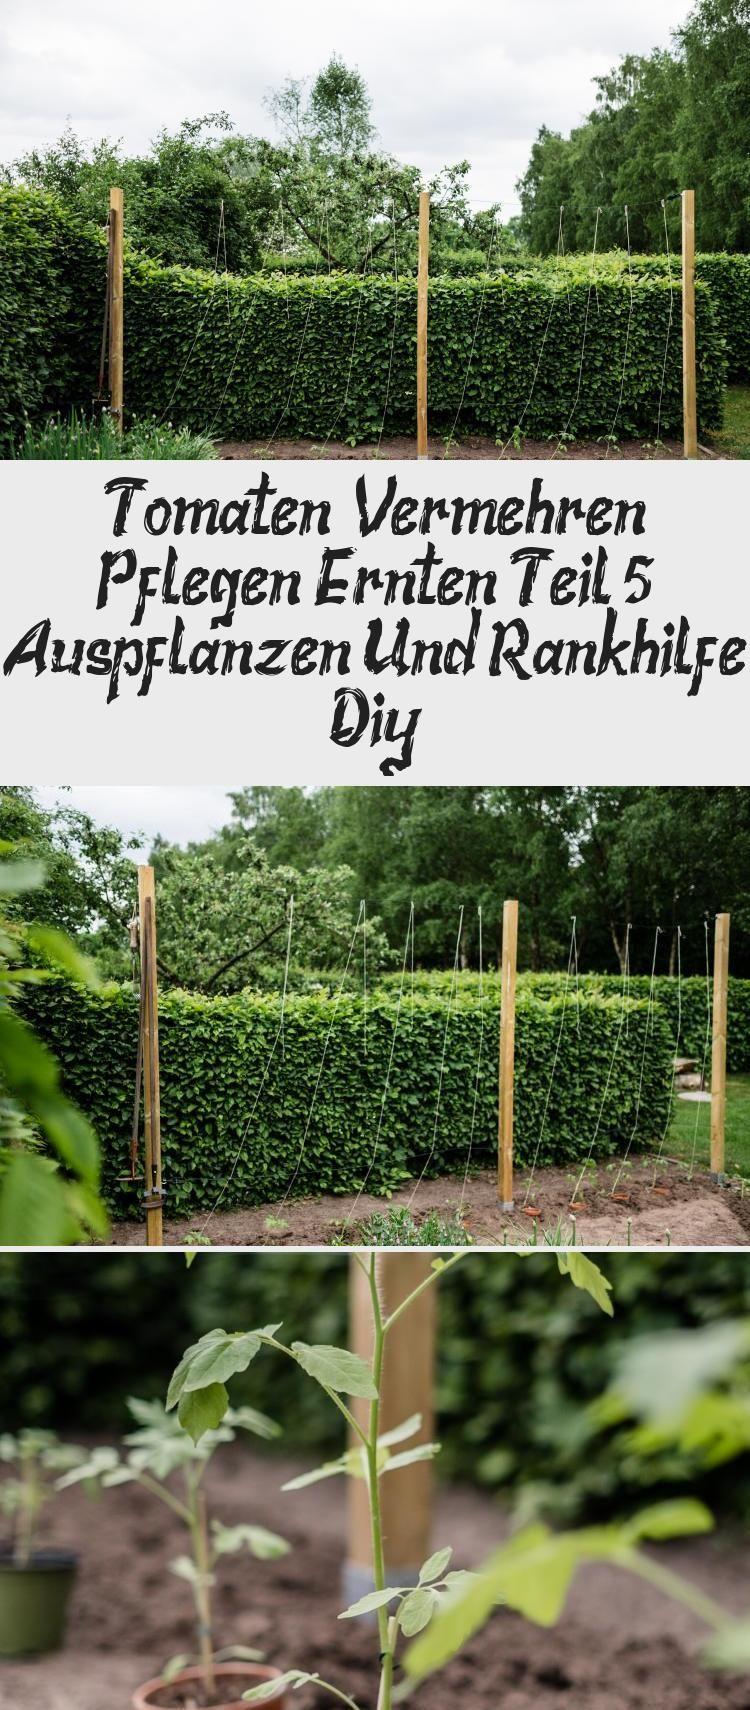 Tomaten Vermehren Pflegen Ernten Teil 5 Auspflanzen Und Rankhilfe Diy In 2020 Garten Herbs Plants